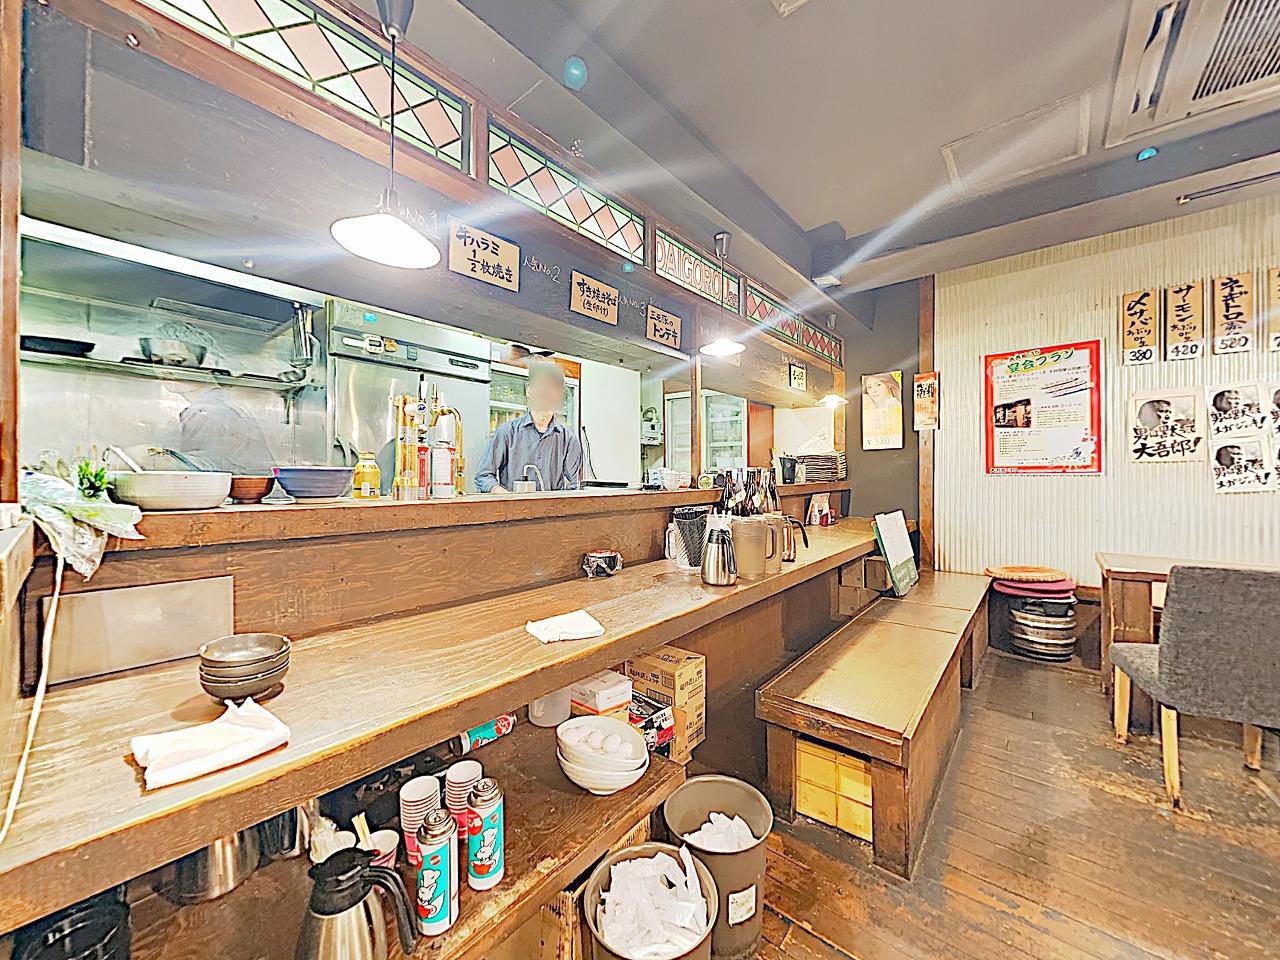 【小伝馬町】開業の夢をついに実現!『333 ベトナム料理』を4月下旬~5月上旬頃にオープン予定